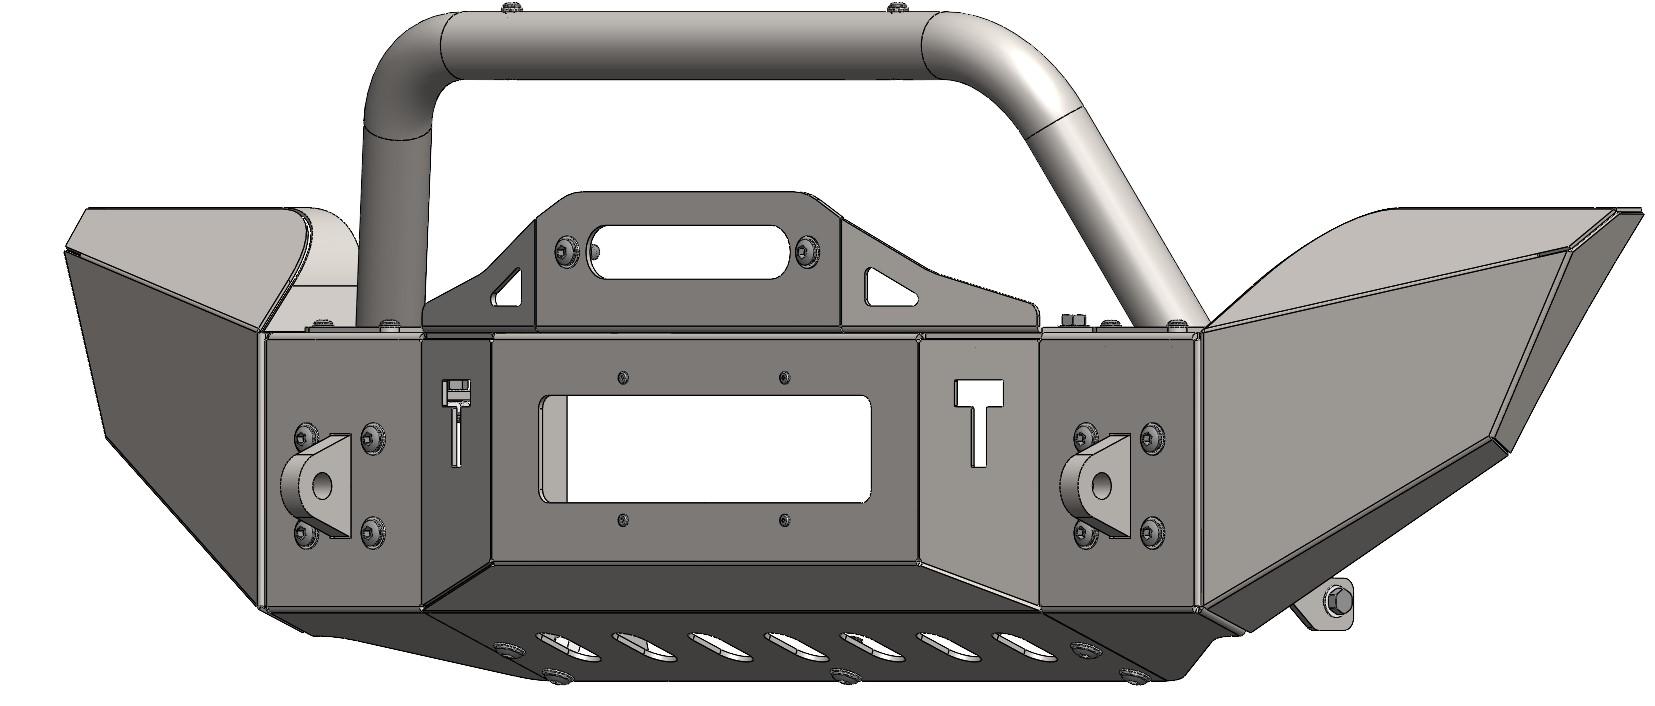 Para-choque Dianteiro De Aço - Troller T4 (2003-2014)